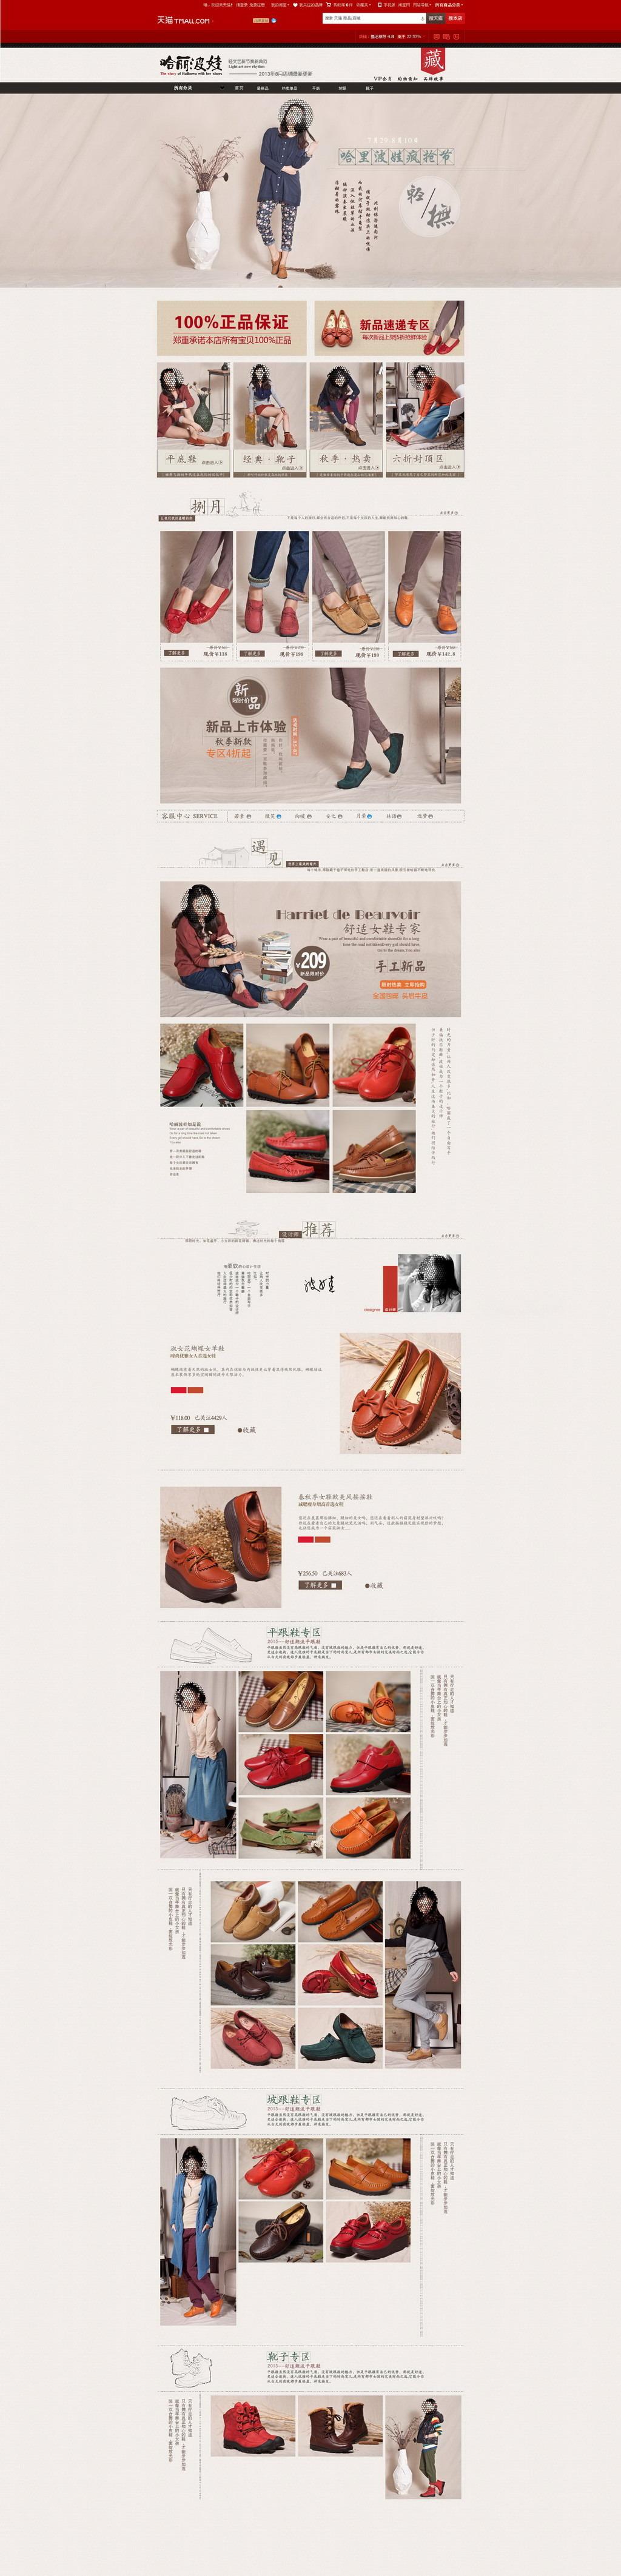 淘宝商城精品女鞋首页装修模板 淘宝天猫女鞋首页装修素材 鞋店装修设